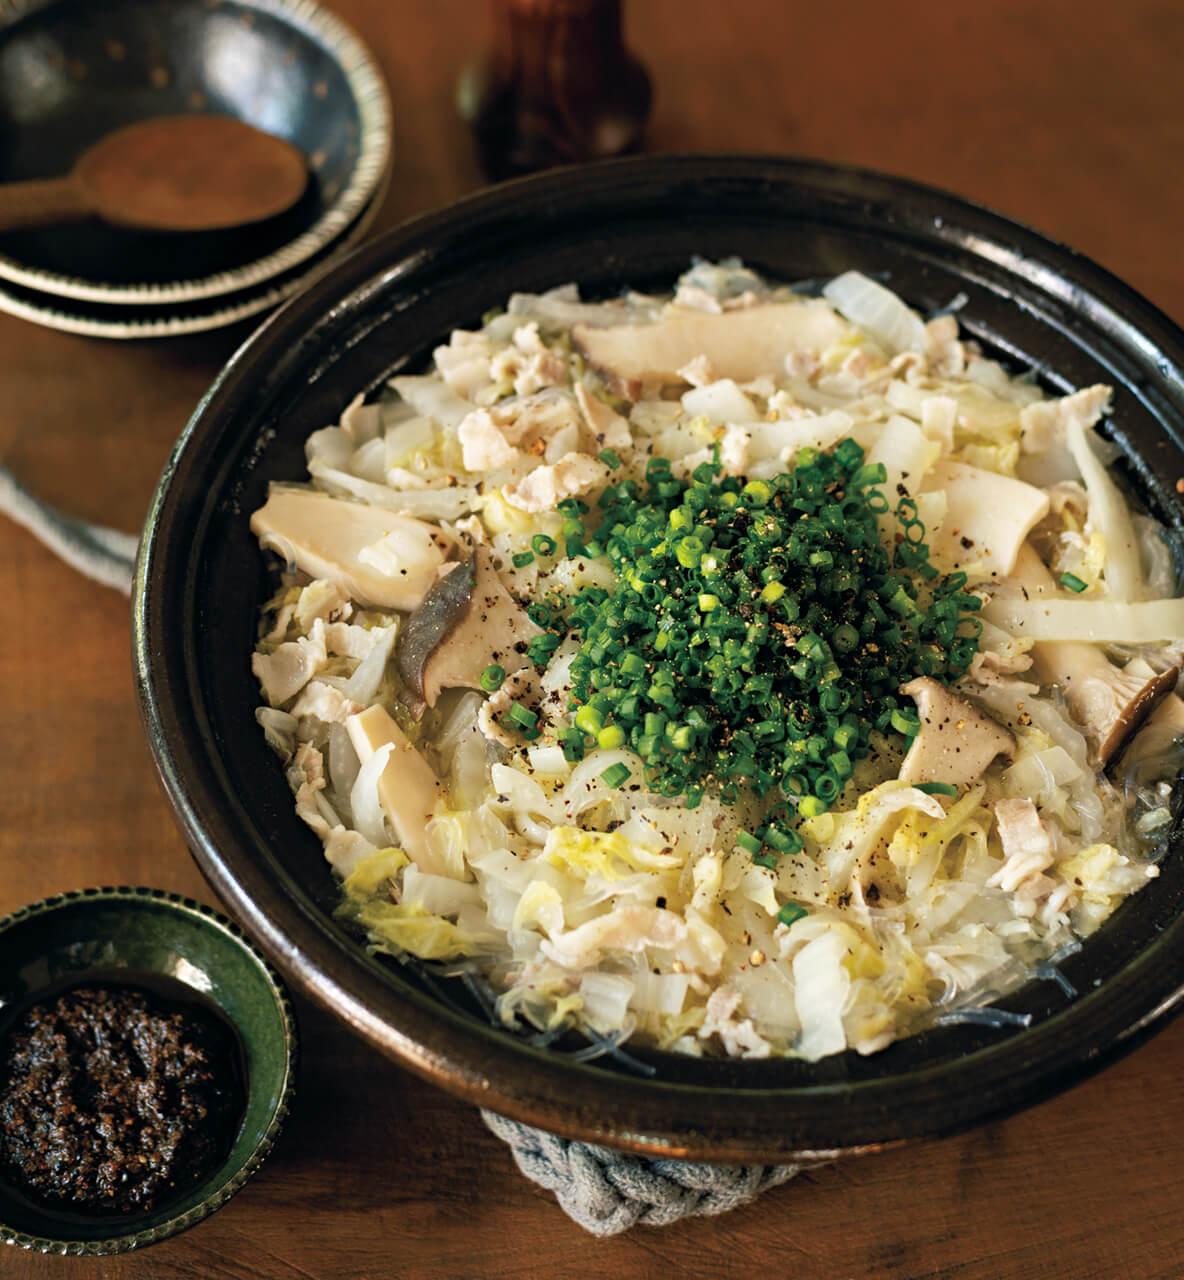 白菜漬け、豚バラ、春雨の鍋